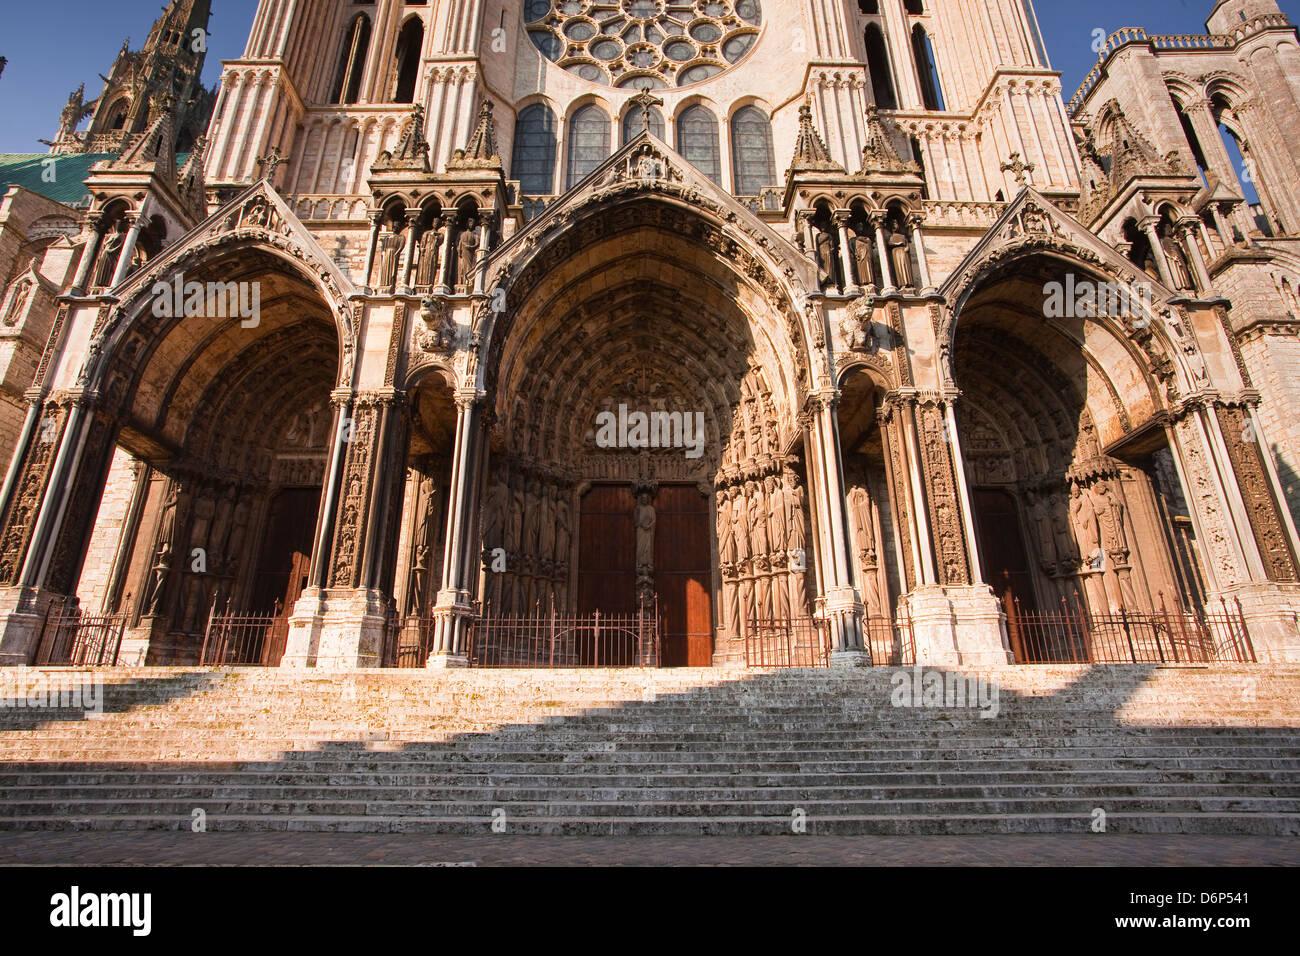 Le portail sud de la cathédrale de Chartres, l'UNESCO World Heritage Site, Chartres, Eure-et-Loir, Centre, Photo Stock